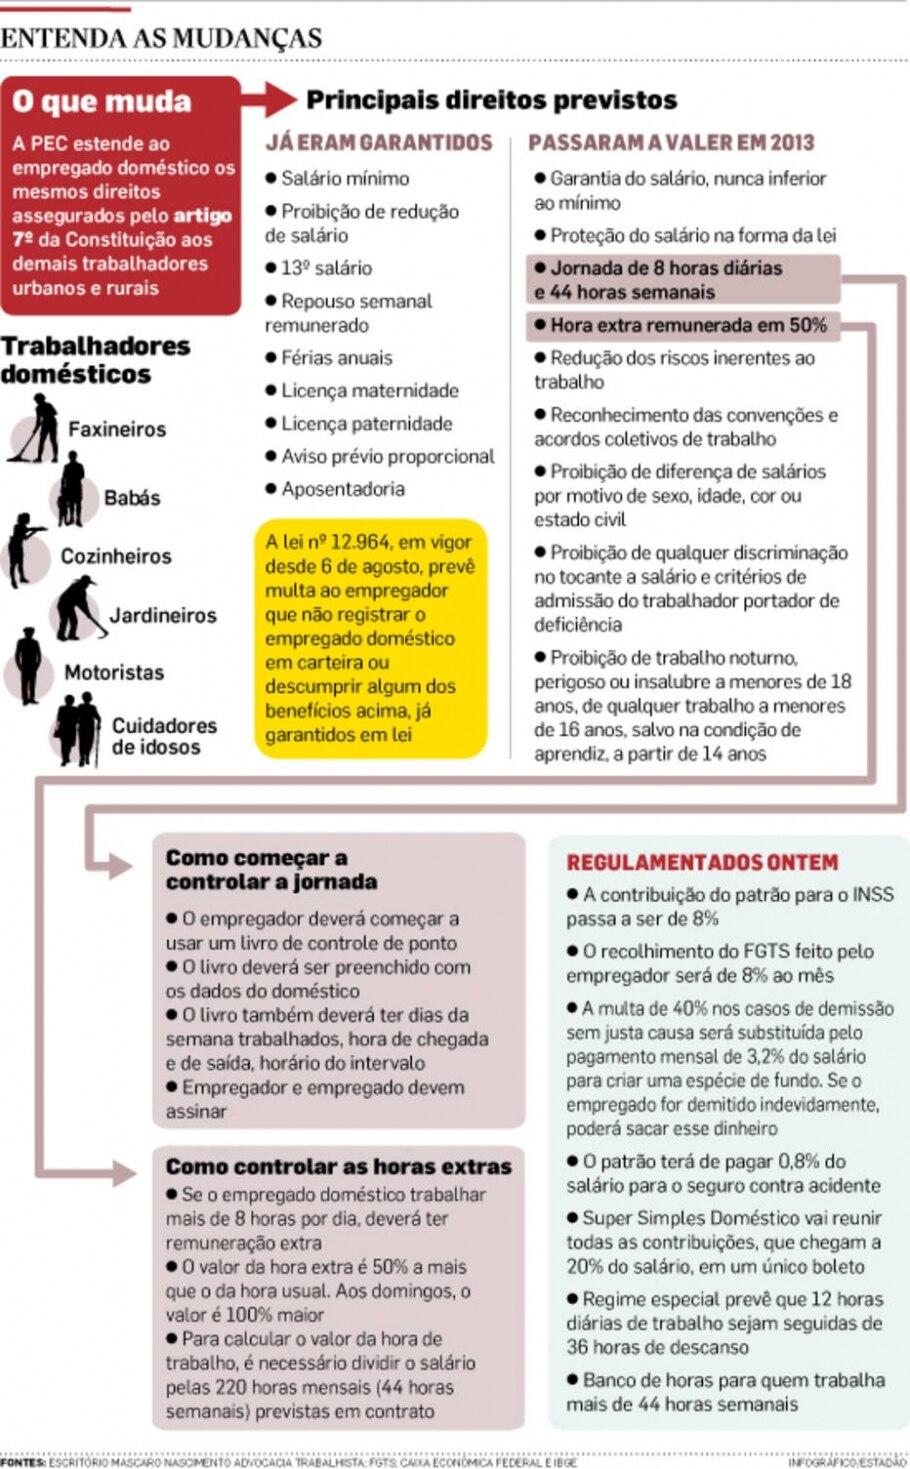 Senado conclui regulamentação da PEC das Domésticas - Infográficos/Estadão